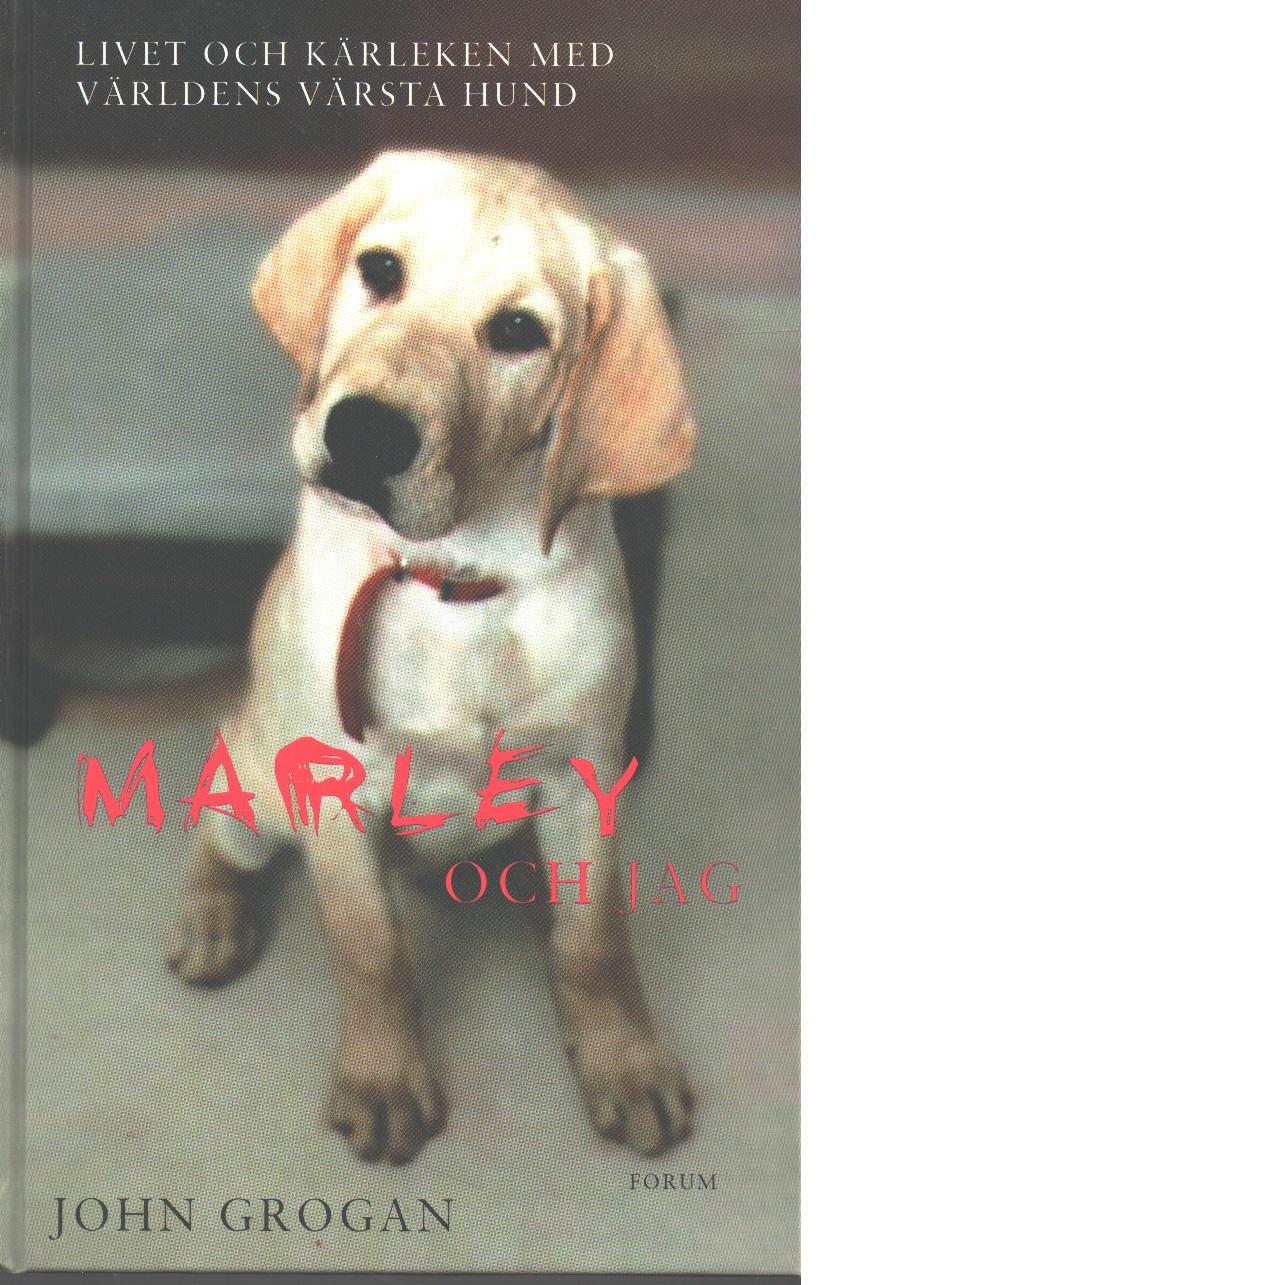 Marley och jag - Grogan, John